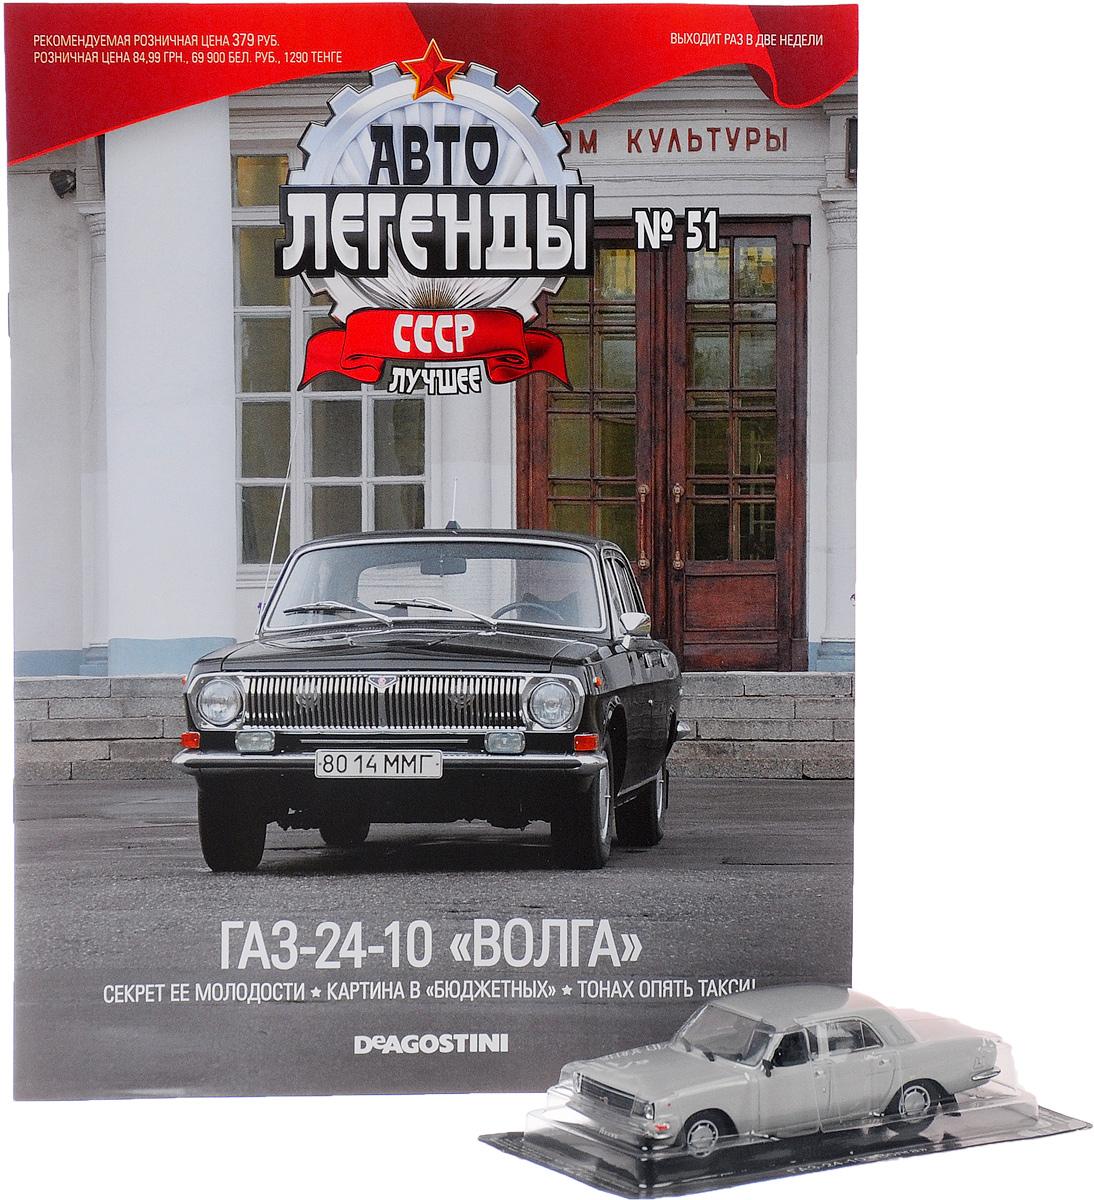 Журнал Авто легенды СССР №51RCRL051В данной серии вы познакомитесь с историей советского автомобилестроения, узнаете, как создавались отечественные машины. Многих героев издания теперь можно встретить только в музеях. Другие, несмотря на почтенный возраст, до сих пор исправно служат своим хозяевам. В журнале вы узнаете, как советские конструкторы создавали автомобили, тщательно изучая опыт зарубежных коллег, воплощая их наиболее удачные находки в своих детищах. А особые ценители смогут ознакомиться с подробными техническими характеристиками и биографией отдельных моделей и их создателей. С каждым номером читатели журнала Авто легенды СССР получают миниатюрный автомобиль. Маленькие, но удивительно точные копии с оригинала помогут вам открыть для себя увлекательный мир автомобилей в стиле ретро! В данный номер вошла модель-копия автомобиля ГАЗ-24-10 Волга масштаба 1/43. Размер модели: 11 см х 4,5 см х 3,5 см. Материал модели: металл, пластик. Категория 16+.